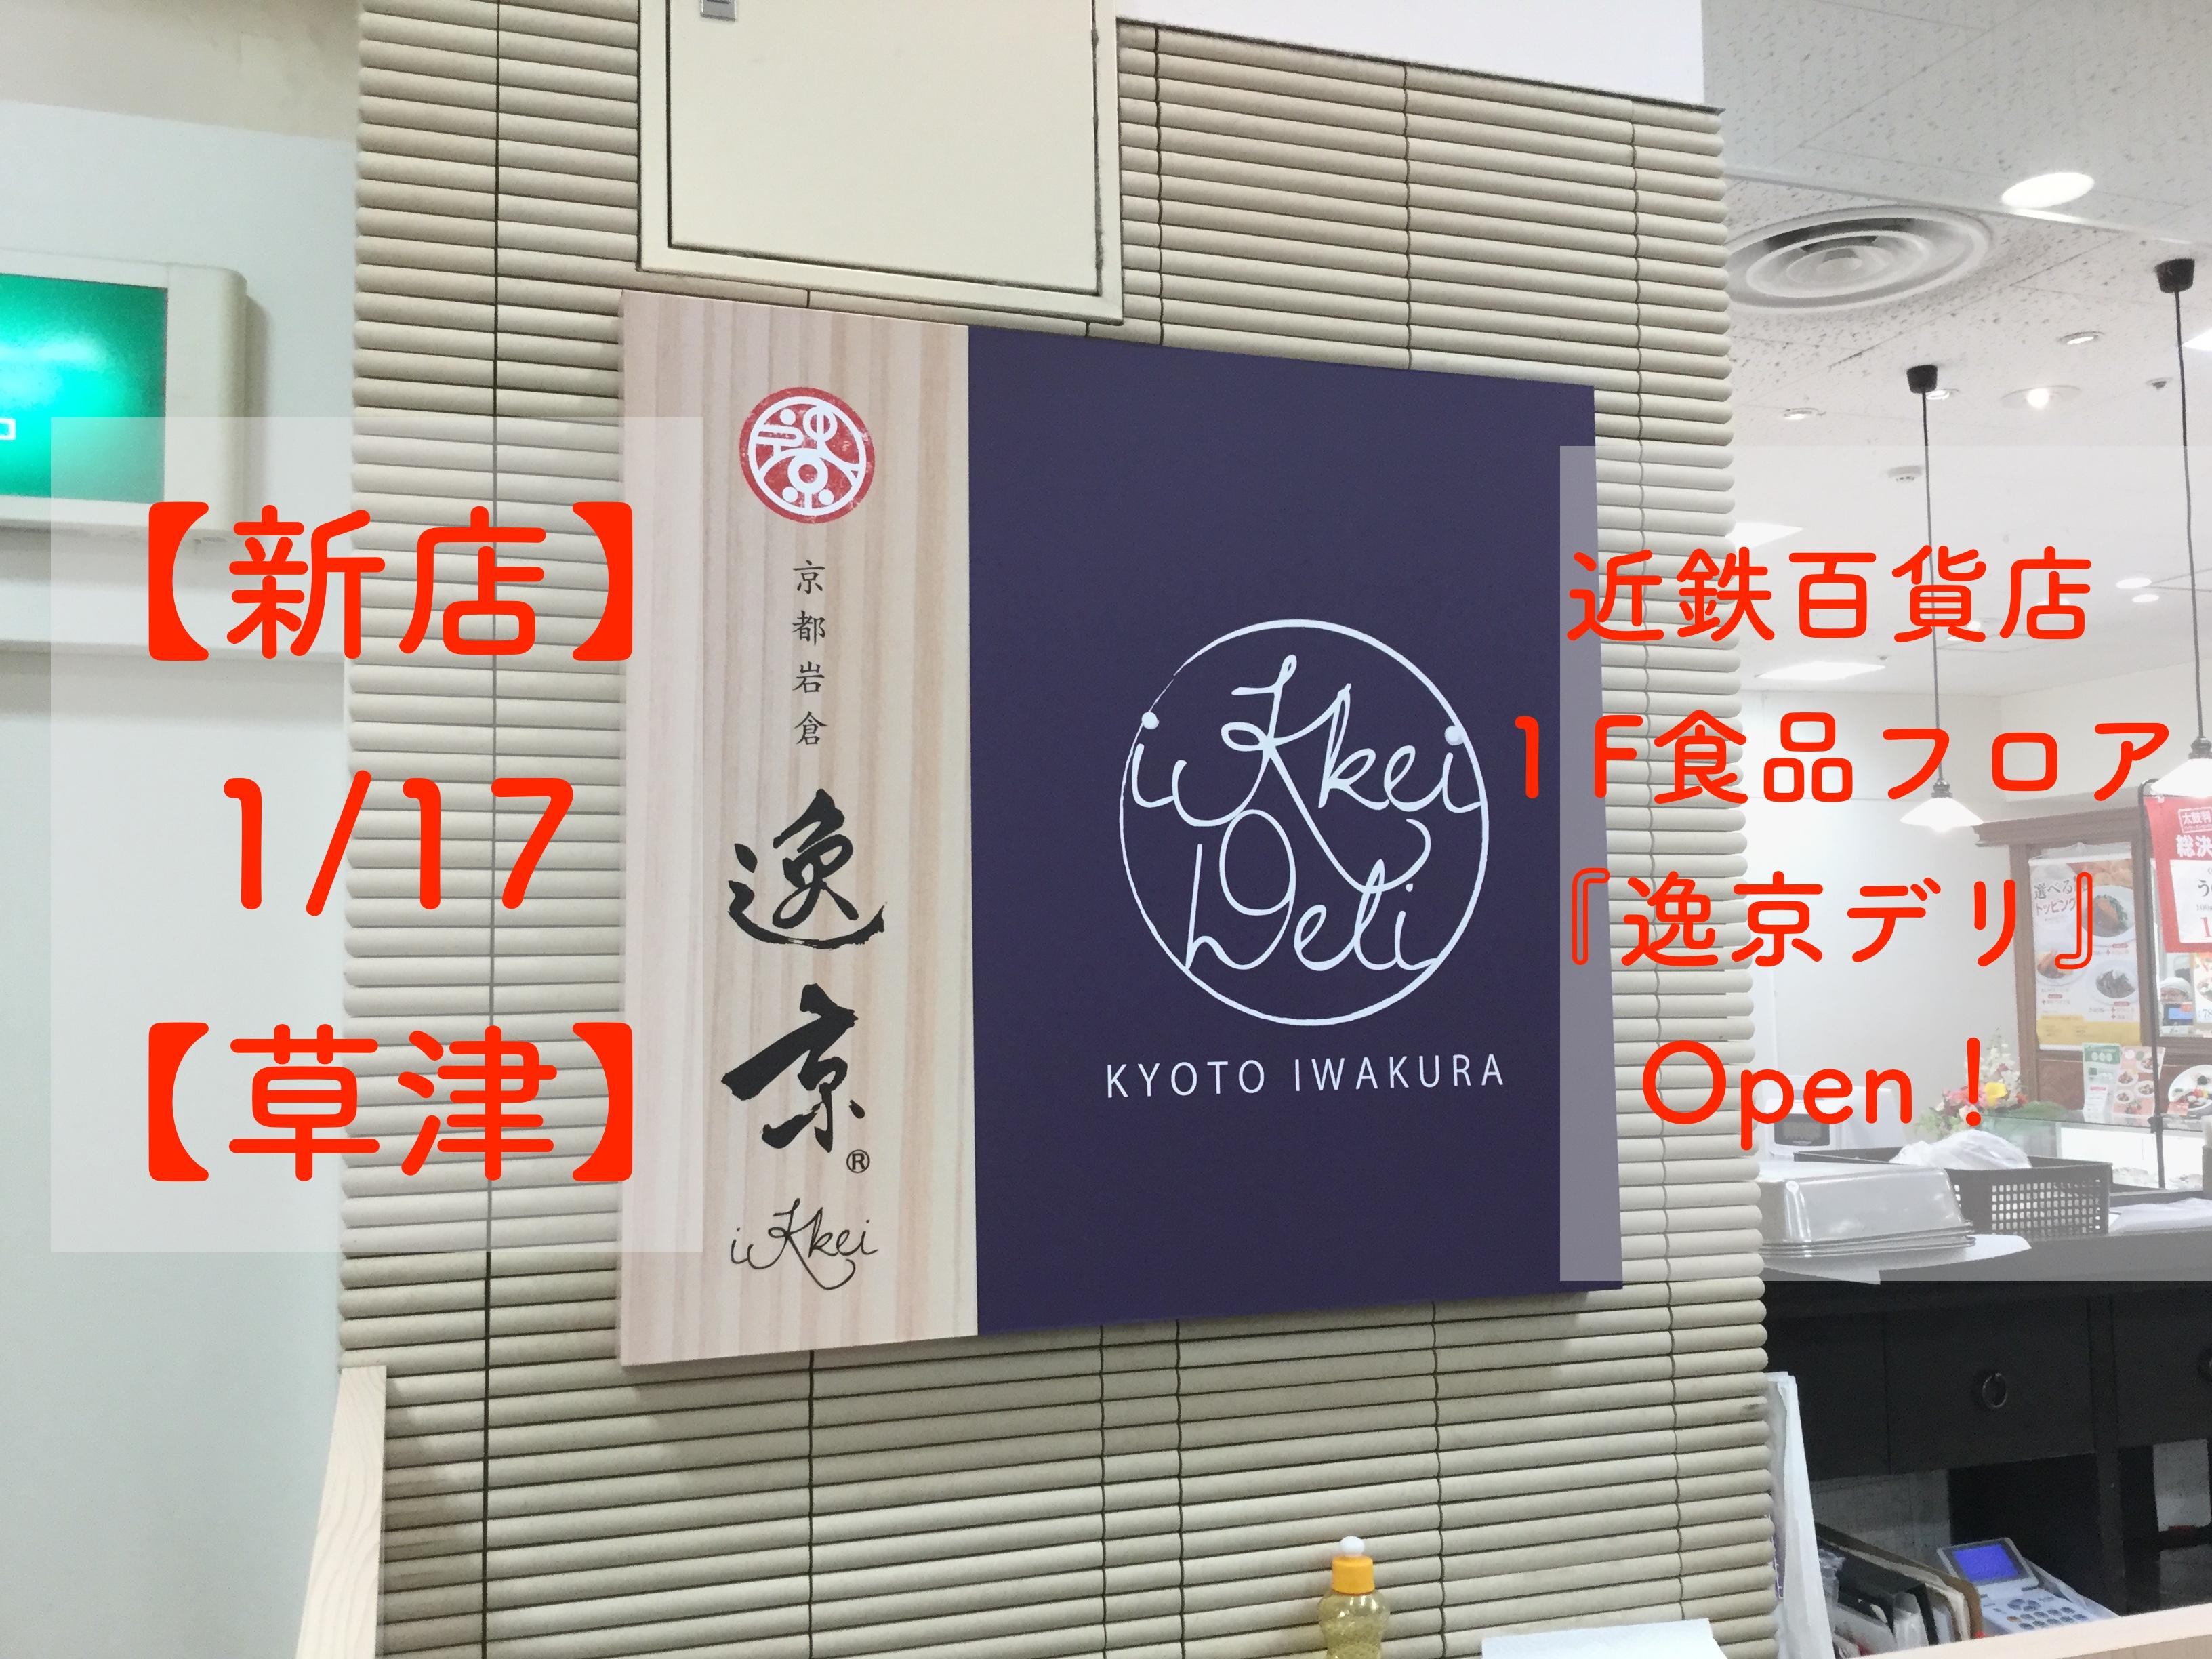 【新店:1/17】京の和食をテイクアウト『逸京Deli(いっけいデリ)』【草津:近鉄百貨店】